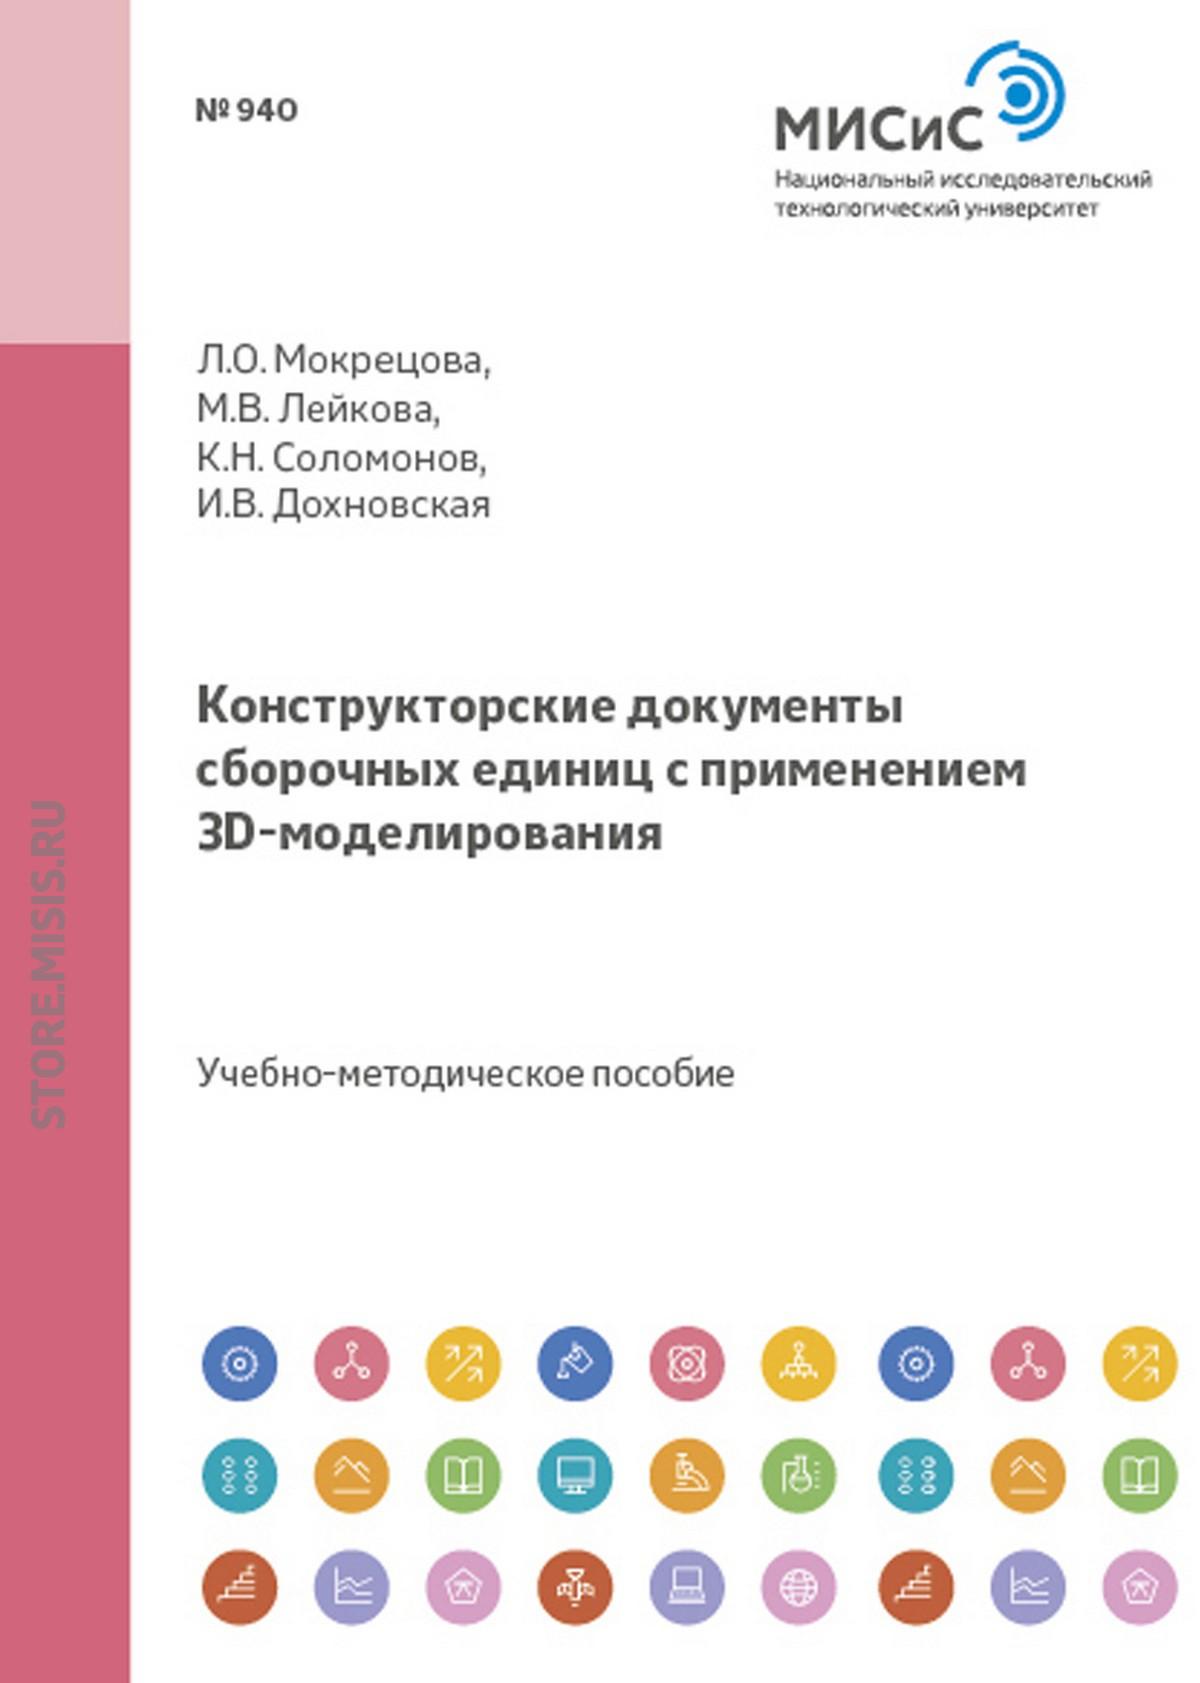 Конструкторские документы сборочных единиц с применением 3D-моделирования